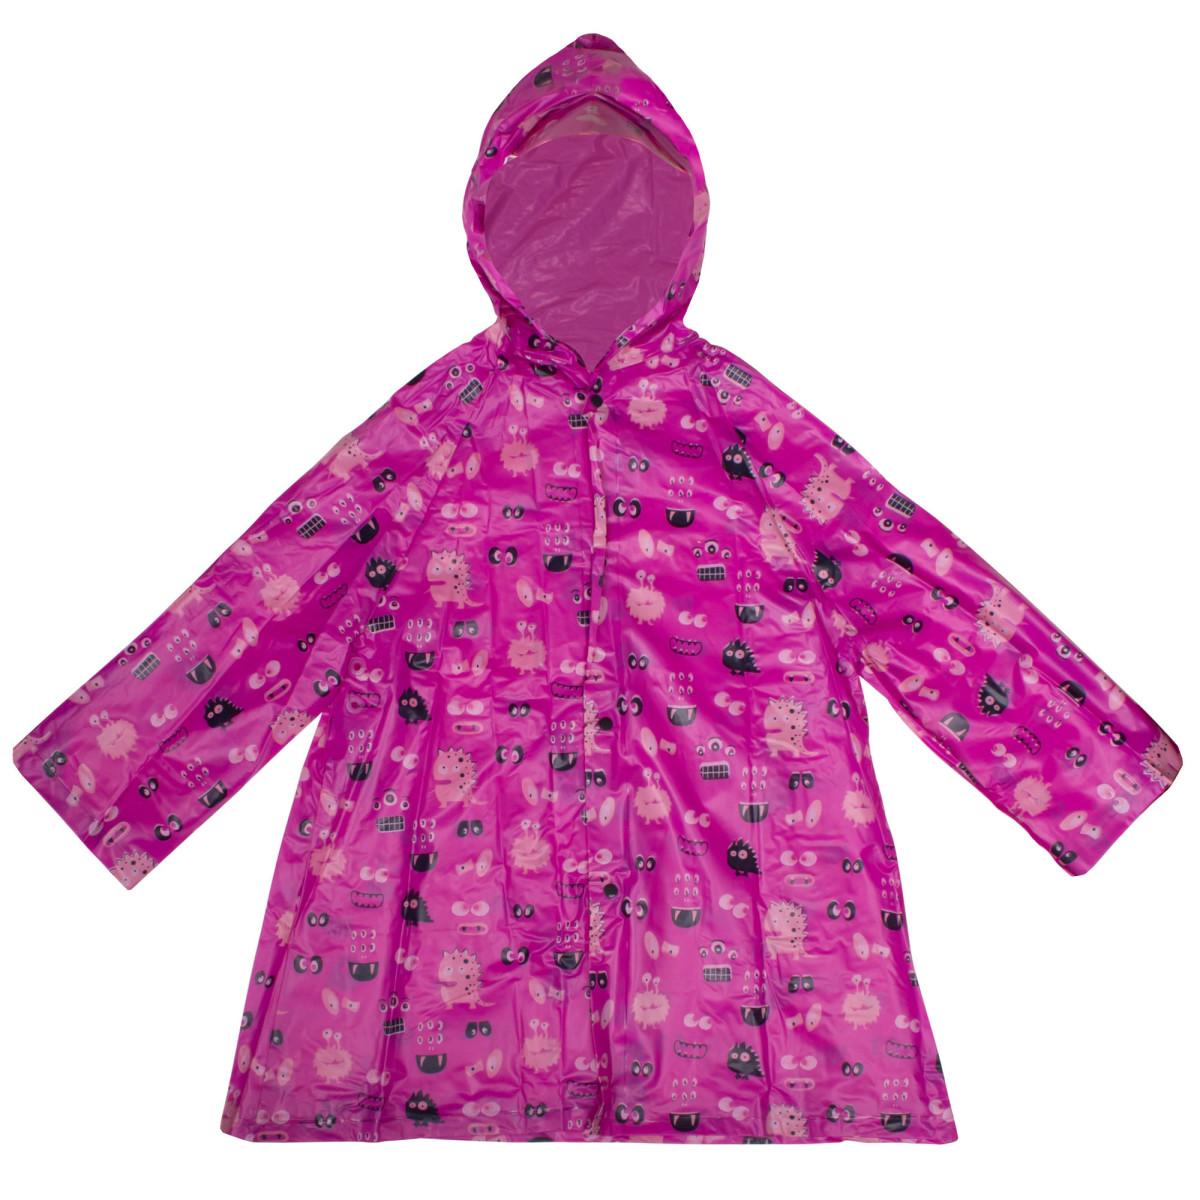 Плащ-дождевик детский размер S цвет розовый с рисунком